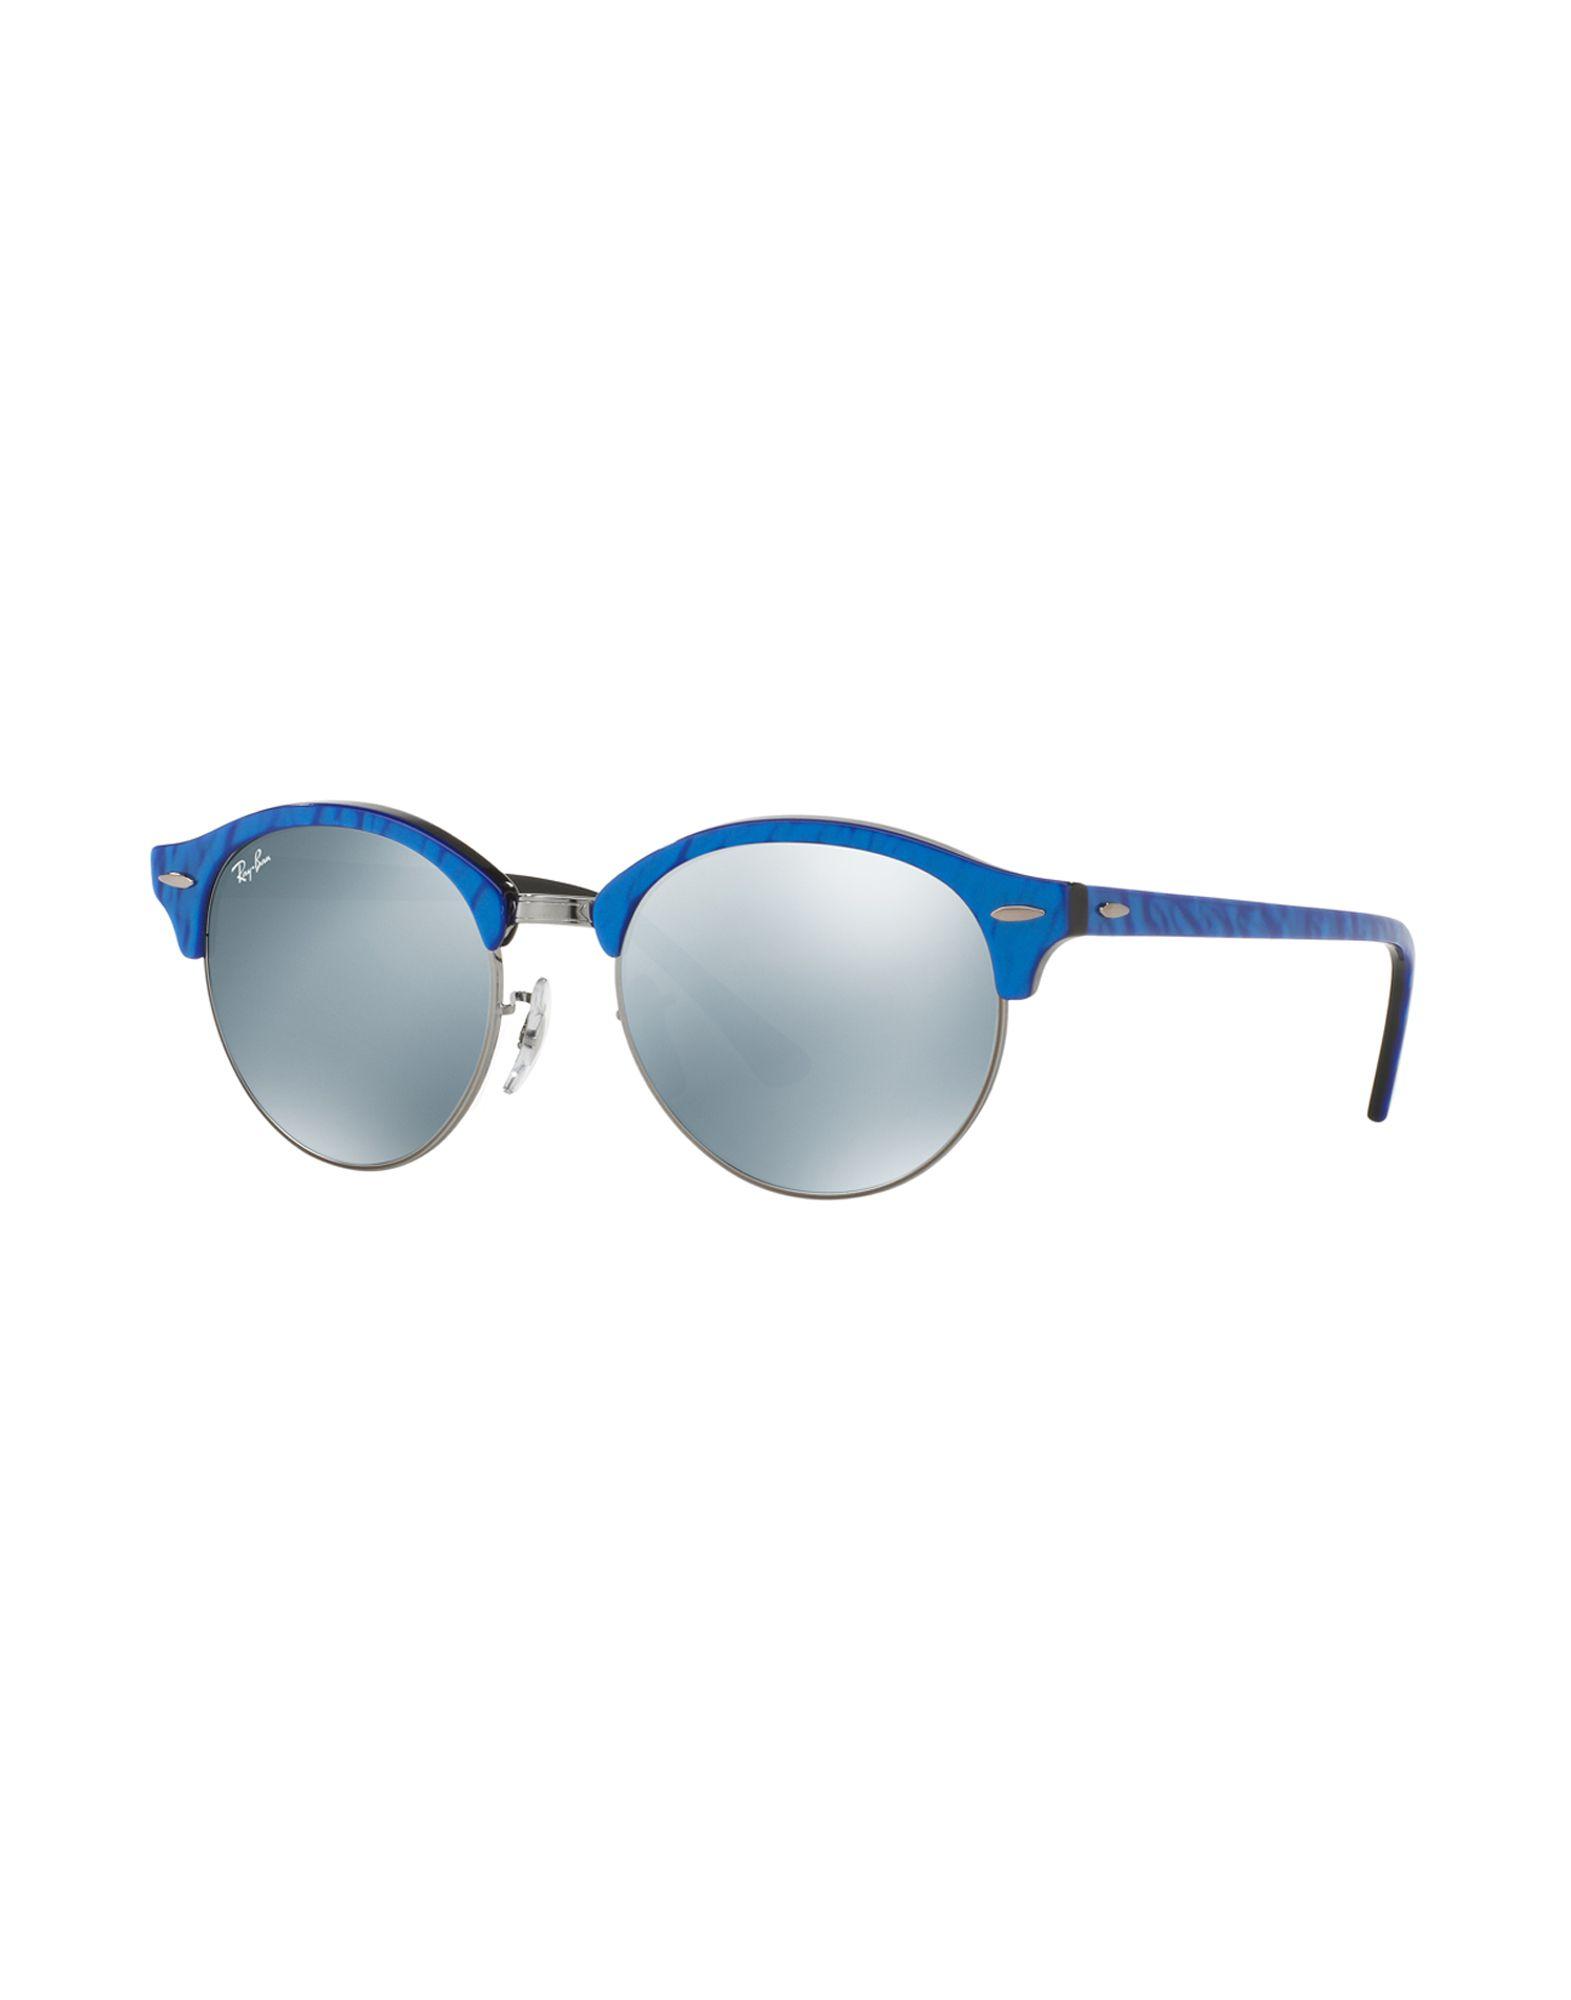 RAY-BAN Unisex Sonnenbrille Farbe Blau Größe 9 - broschei